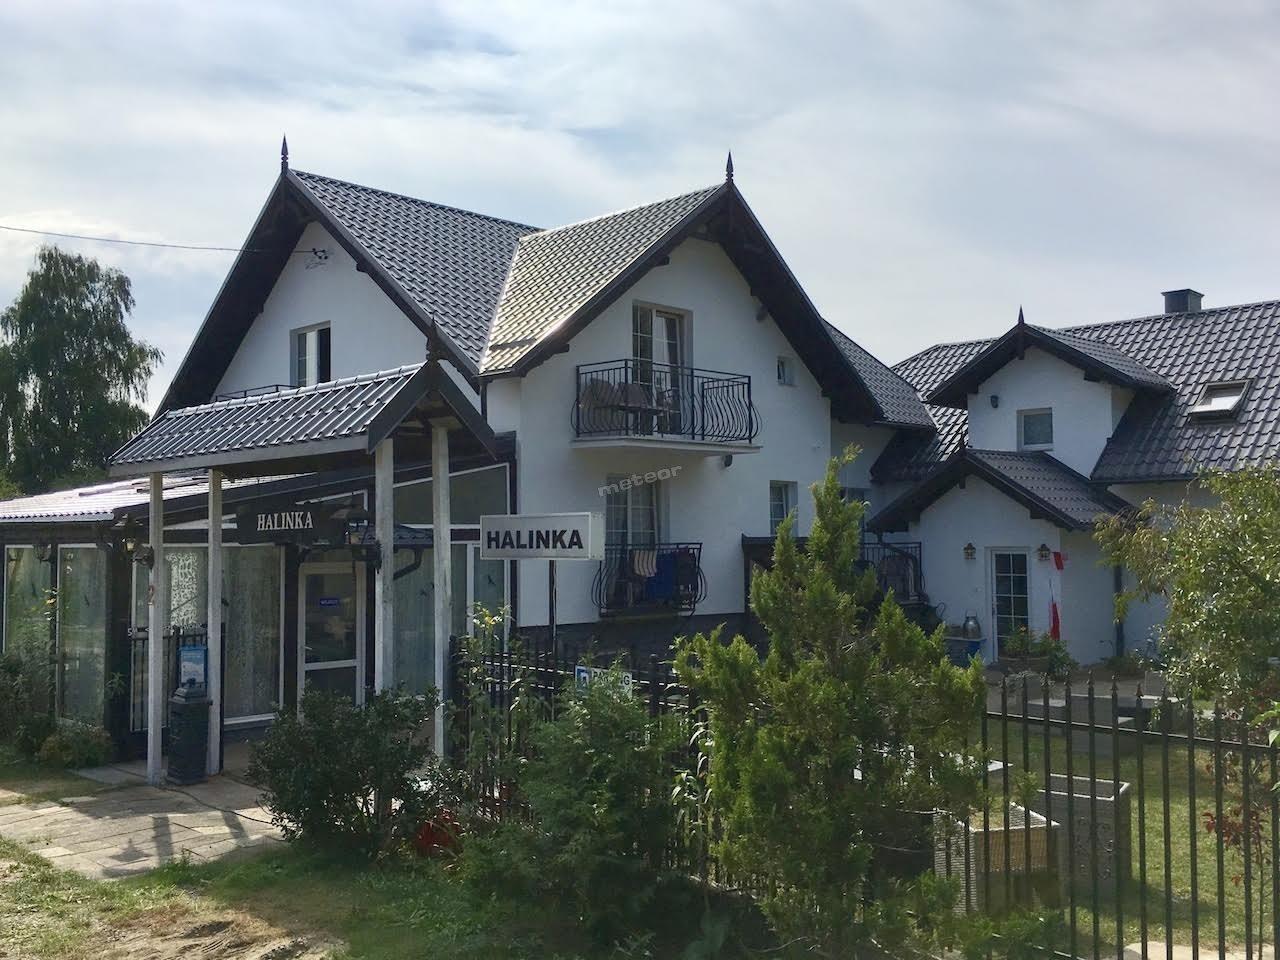 Pokoje Gościnne Halinka Jantar Kontakt Telefon Ceny